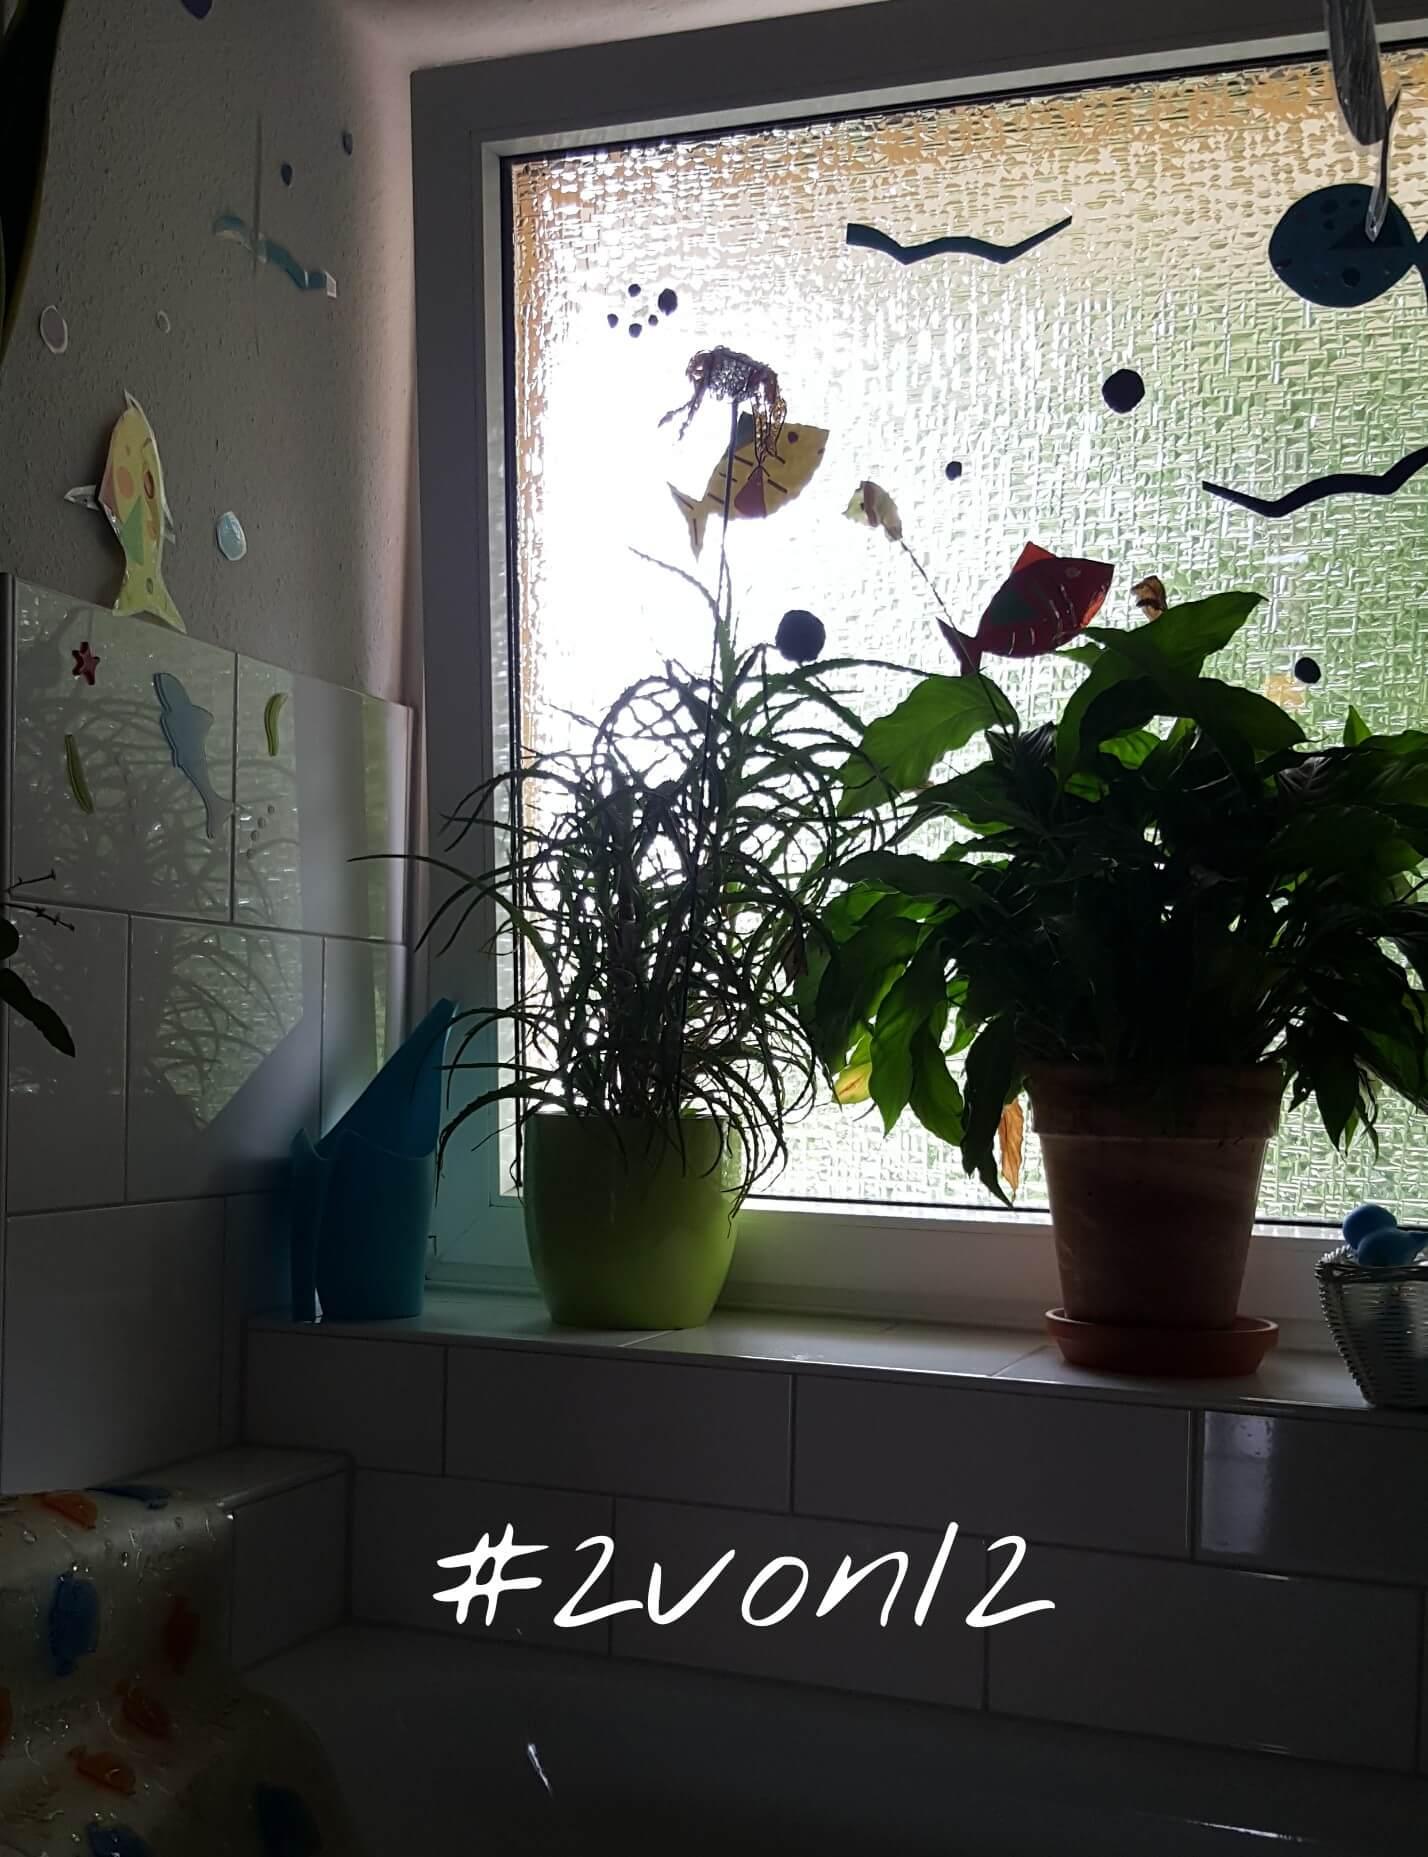 2von12